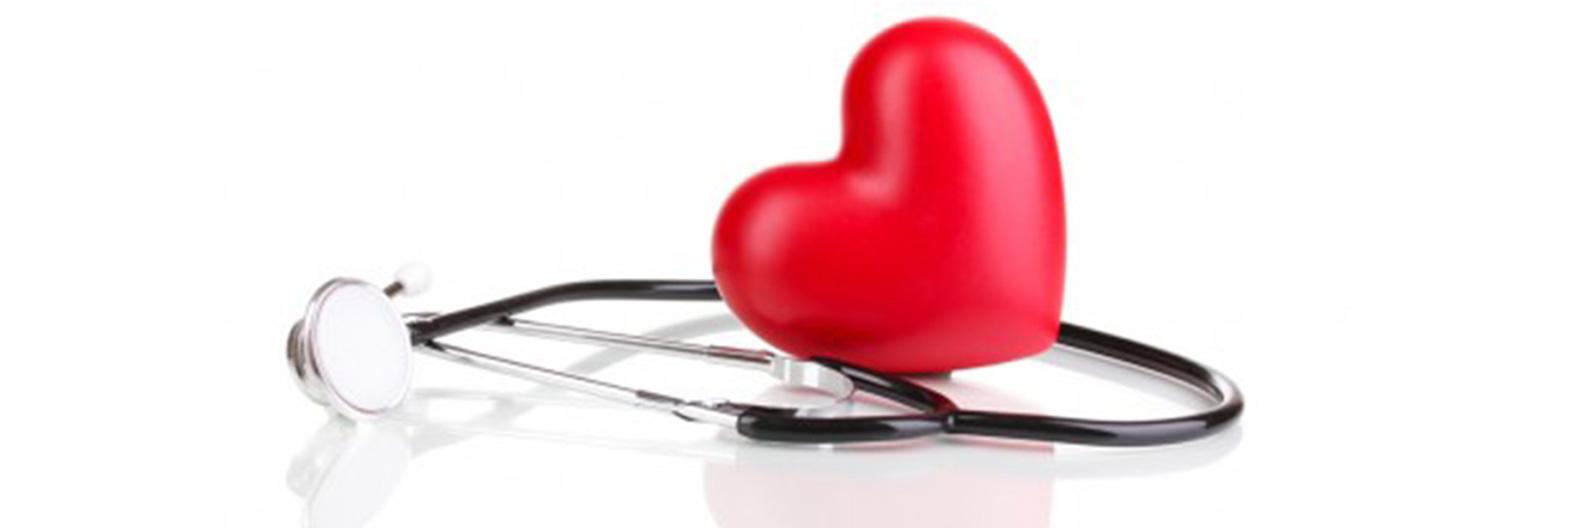 kaip vartoti diuver hipertenzijai